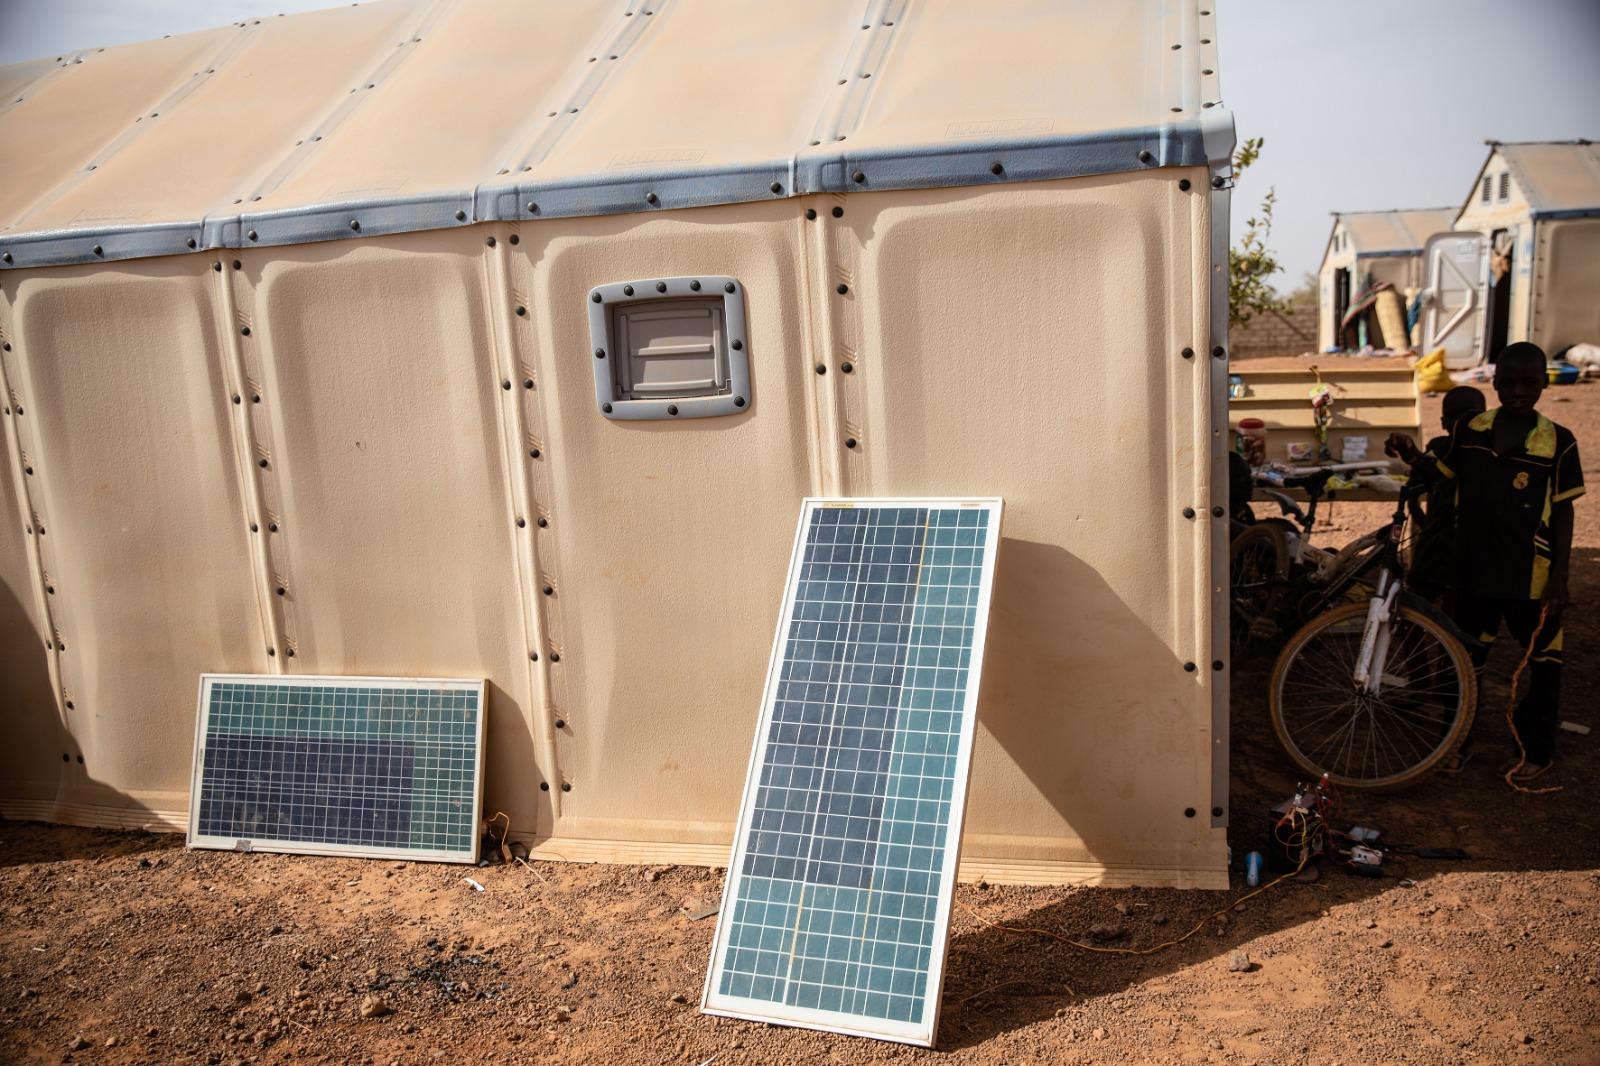 Les deux plaques solaires de Sambo permettent de recharger les téléphones des déplacés du camp. Kaya, le 10 mars 2020.